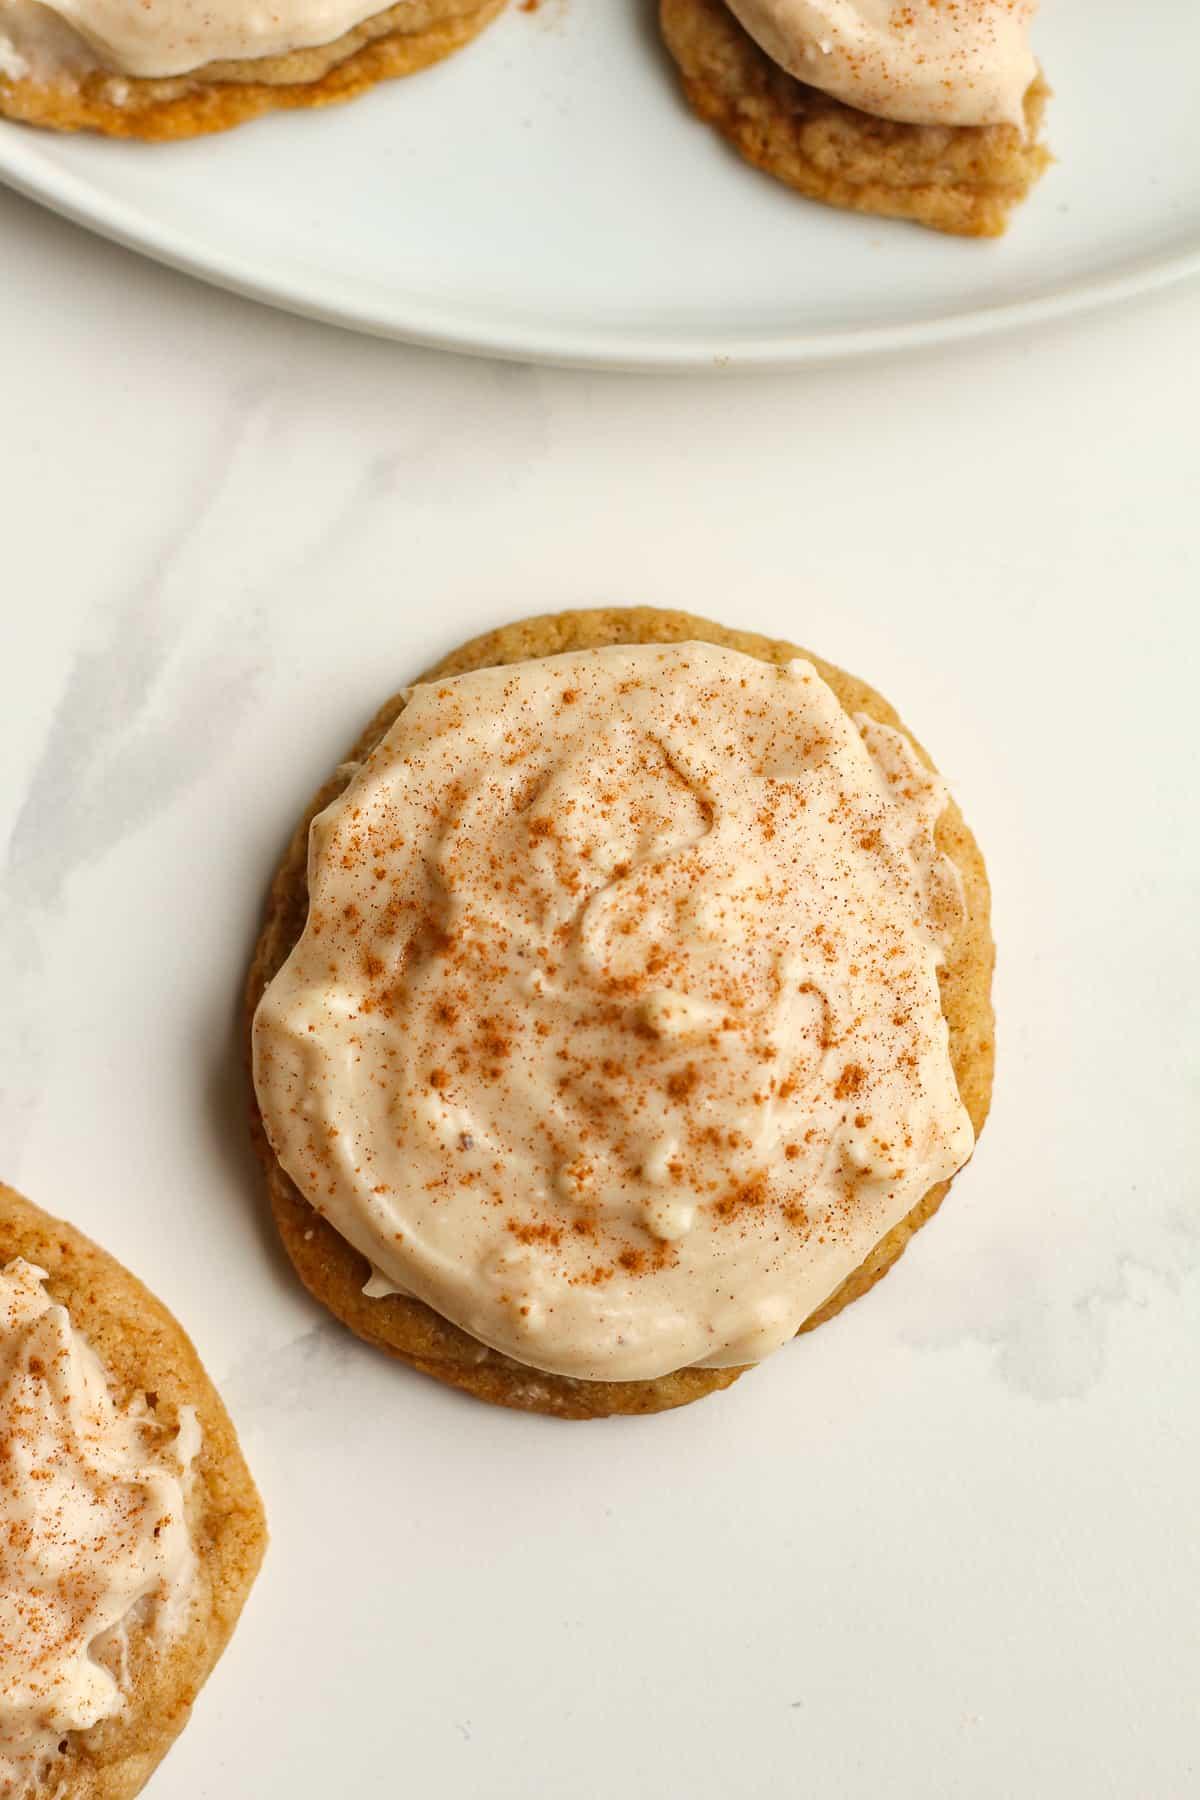 One pumpkin spice cookie.